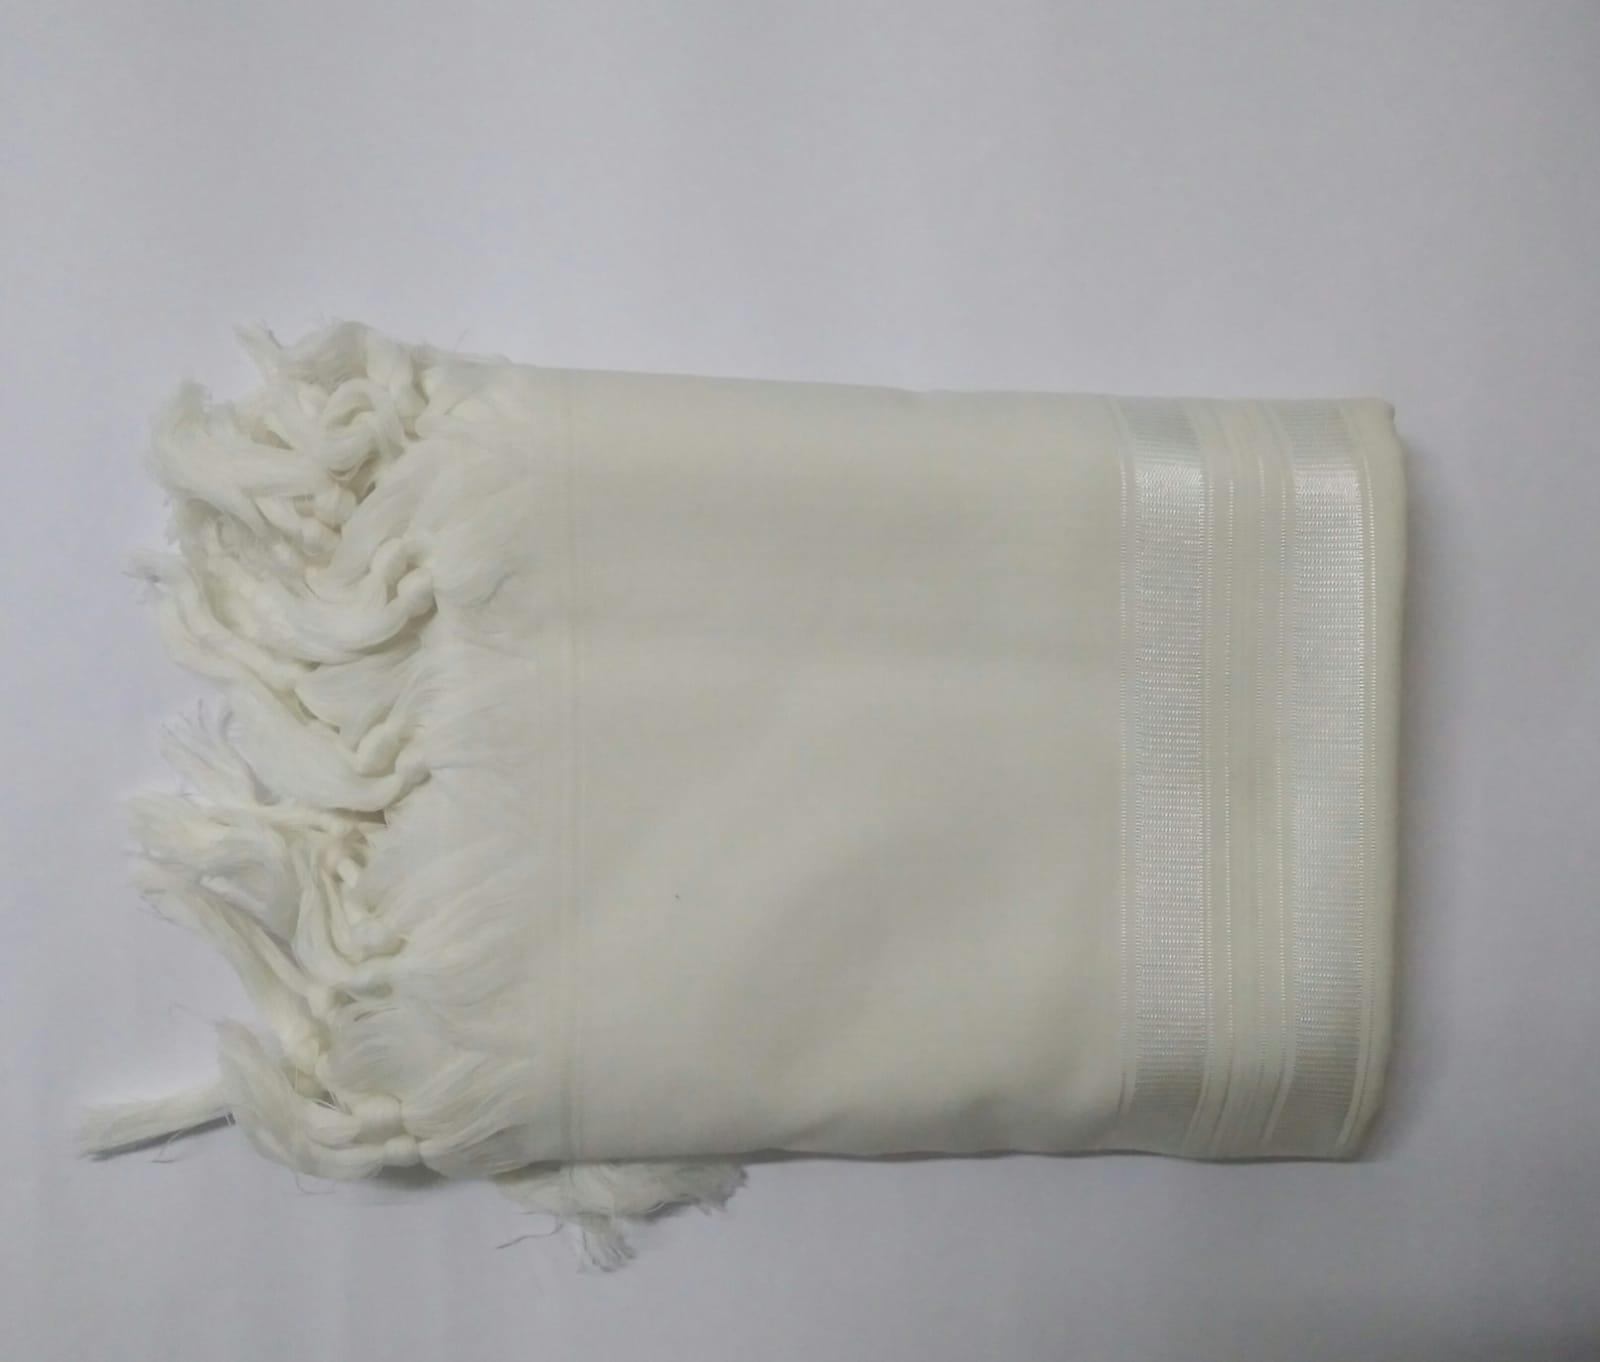 טלית צמר א.א מידה 60 פסים לבן